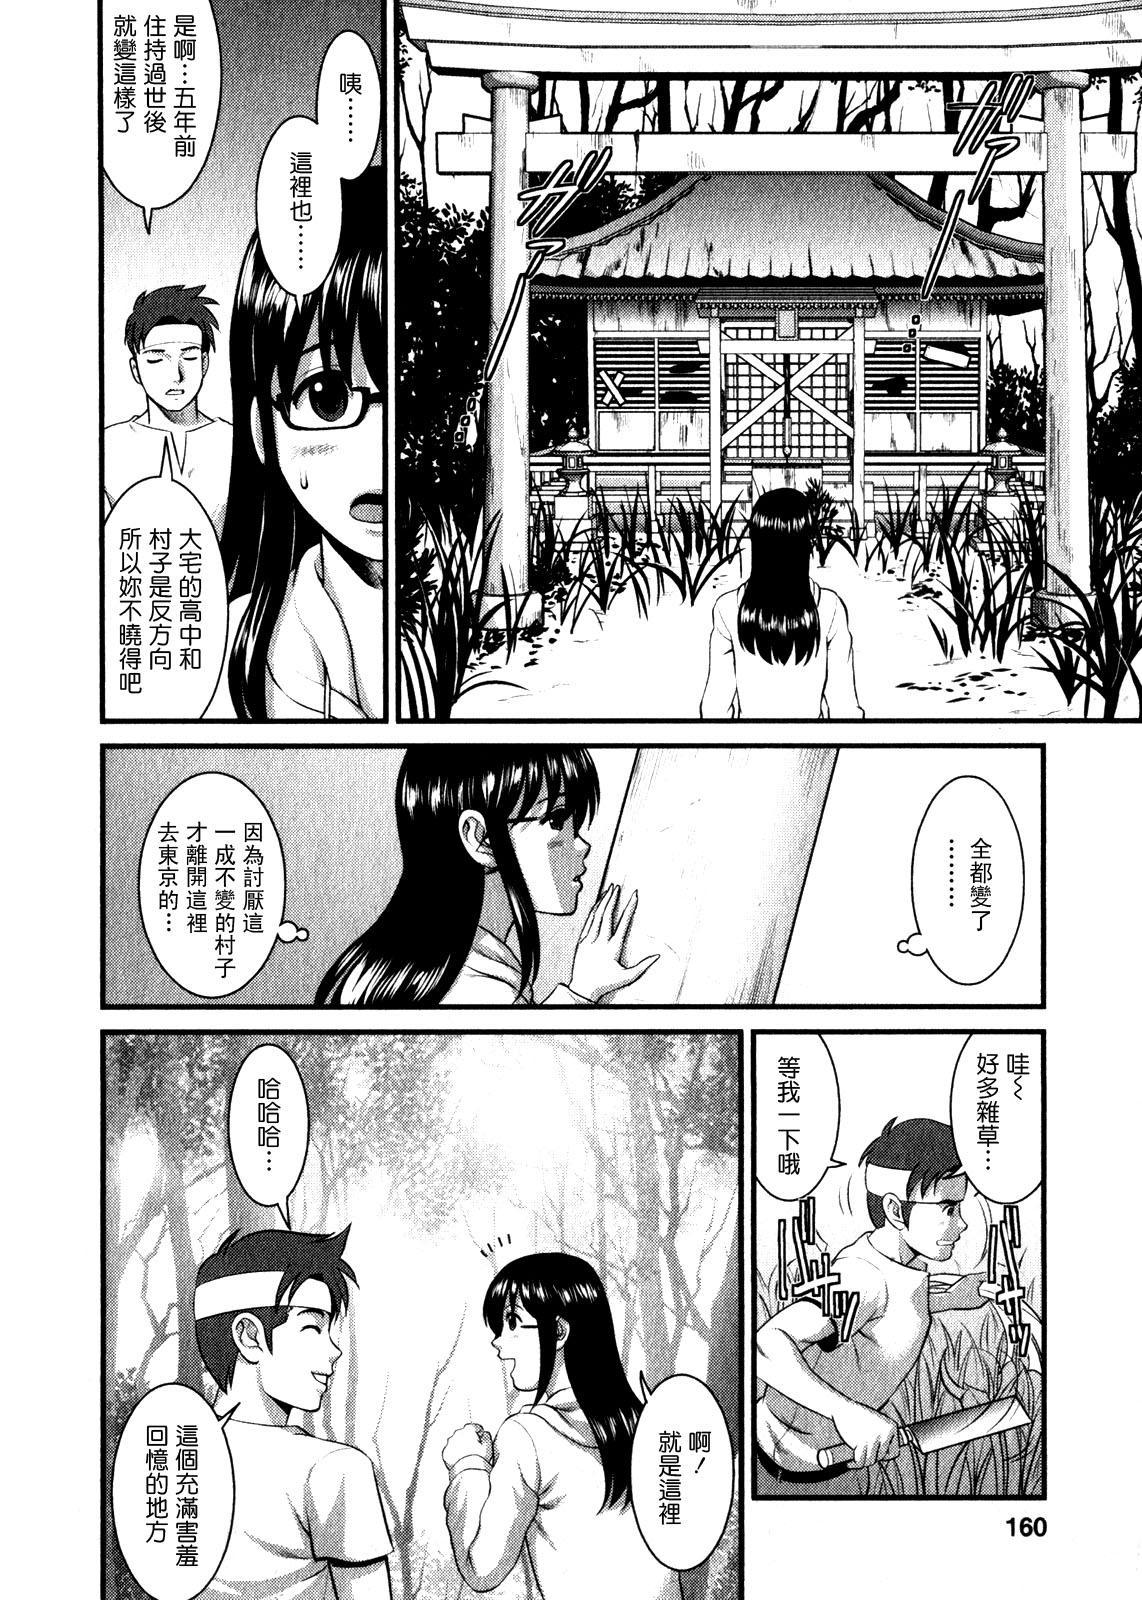 Otaku no Megami-san 1 157